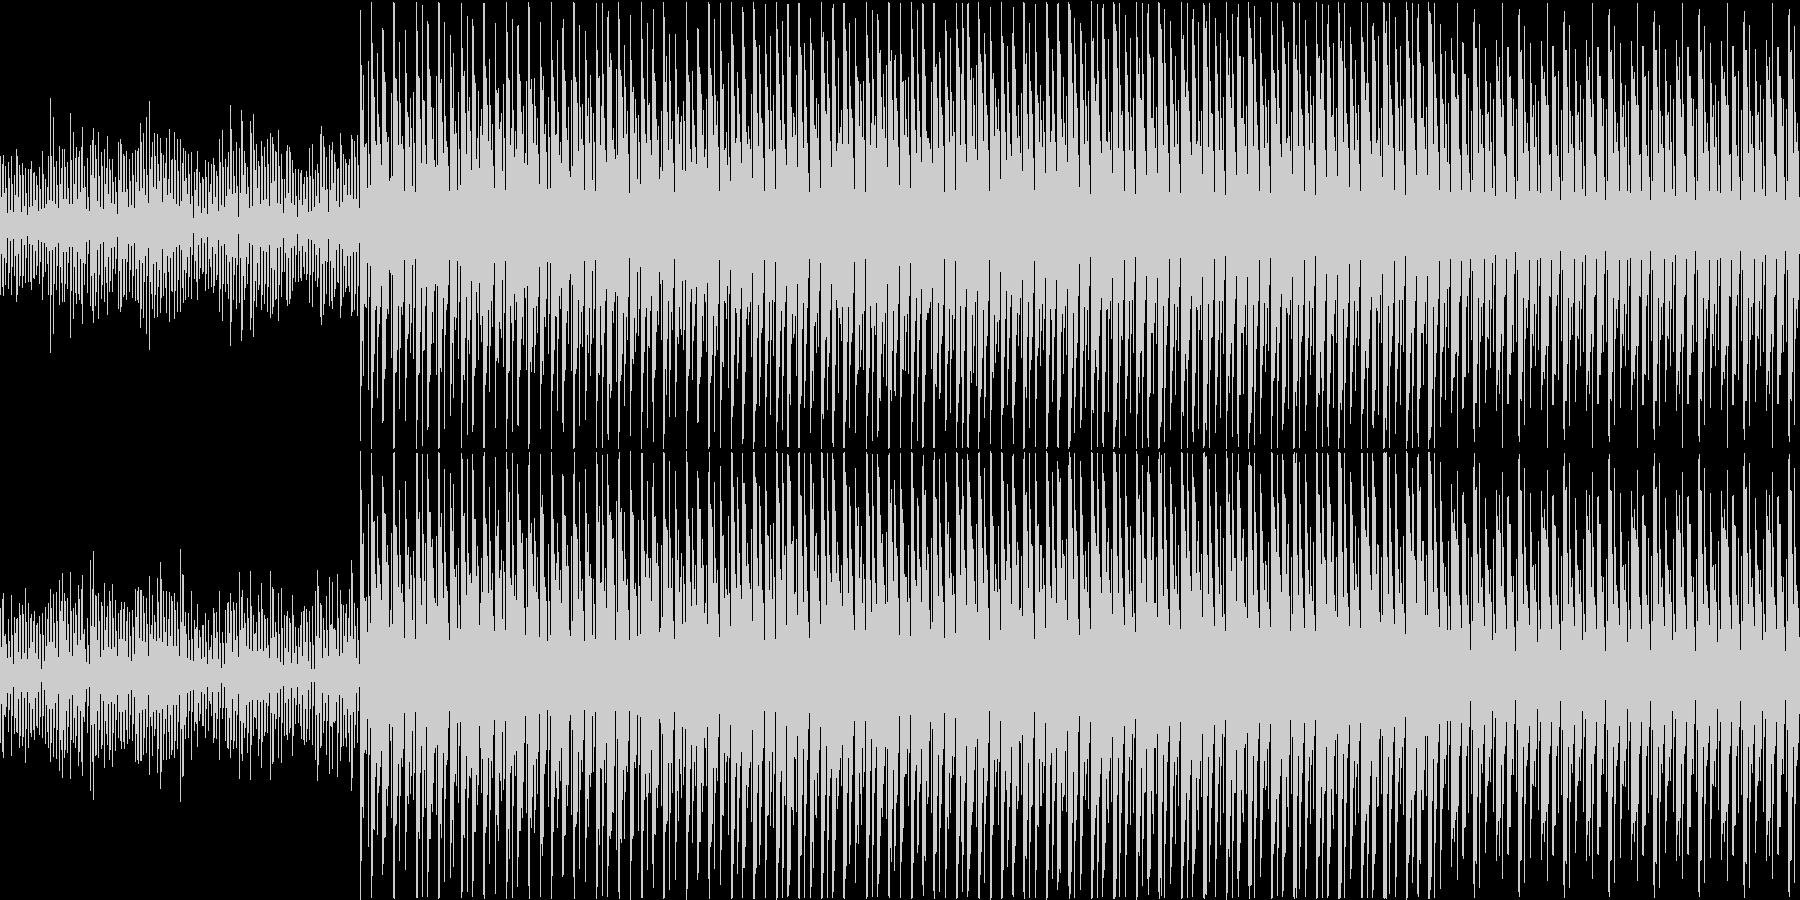 ニュース 報道 事件  迷走 迷路ループの未再生の波形